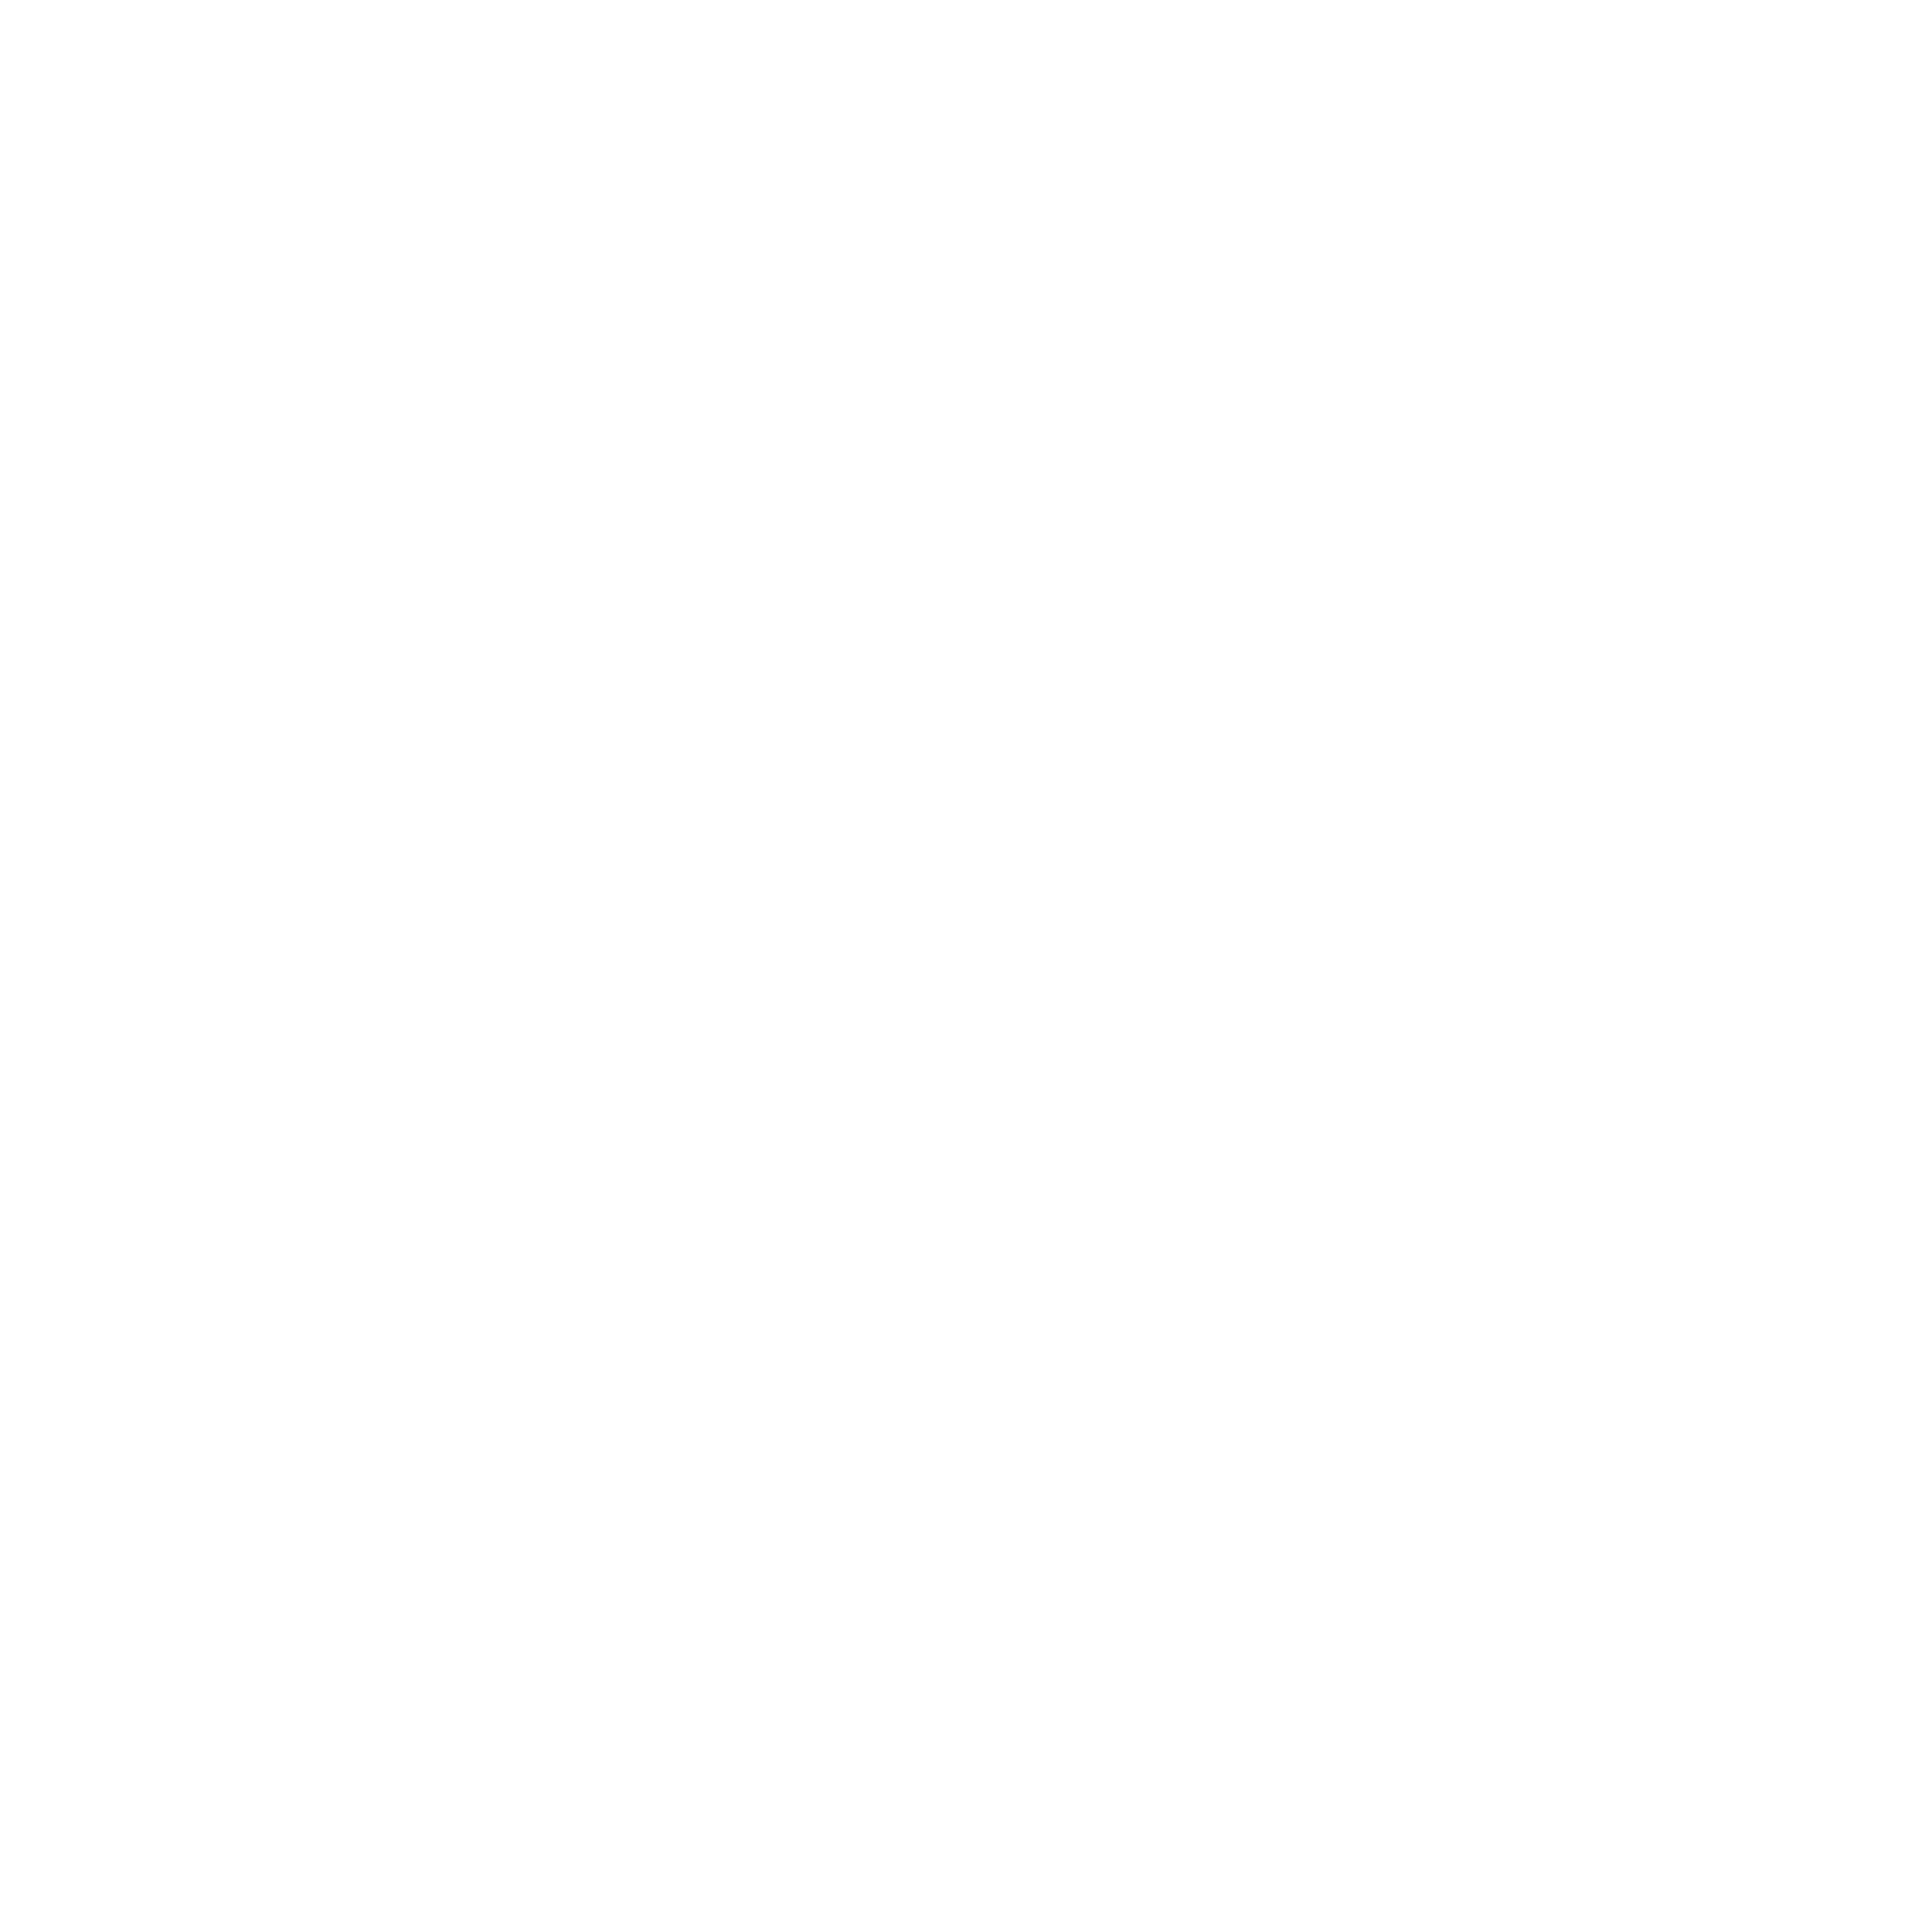 RADIO GÄLLIVARE 97.7 Mhz